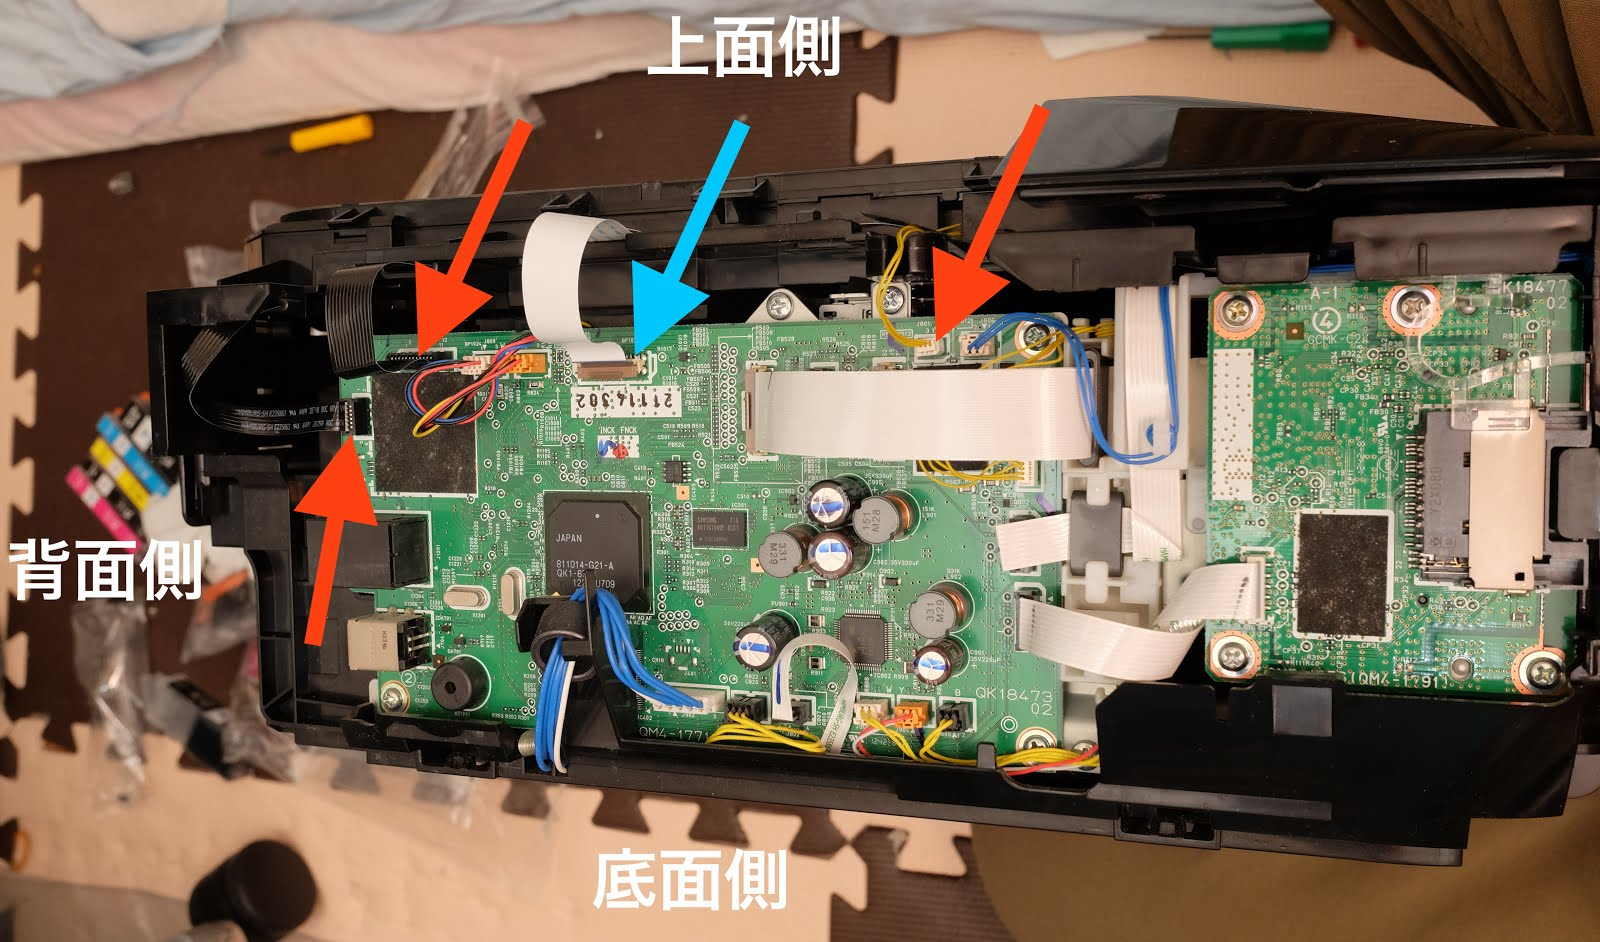 CanonプリンタMG6330を分解してエンコーダフィルムの清掃